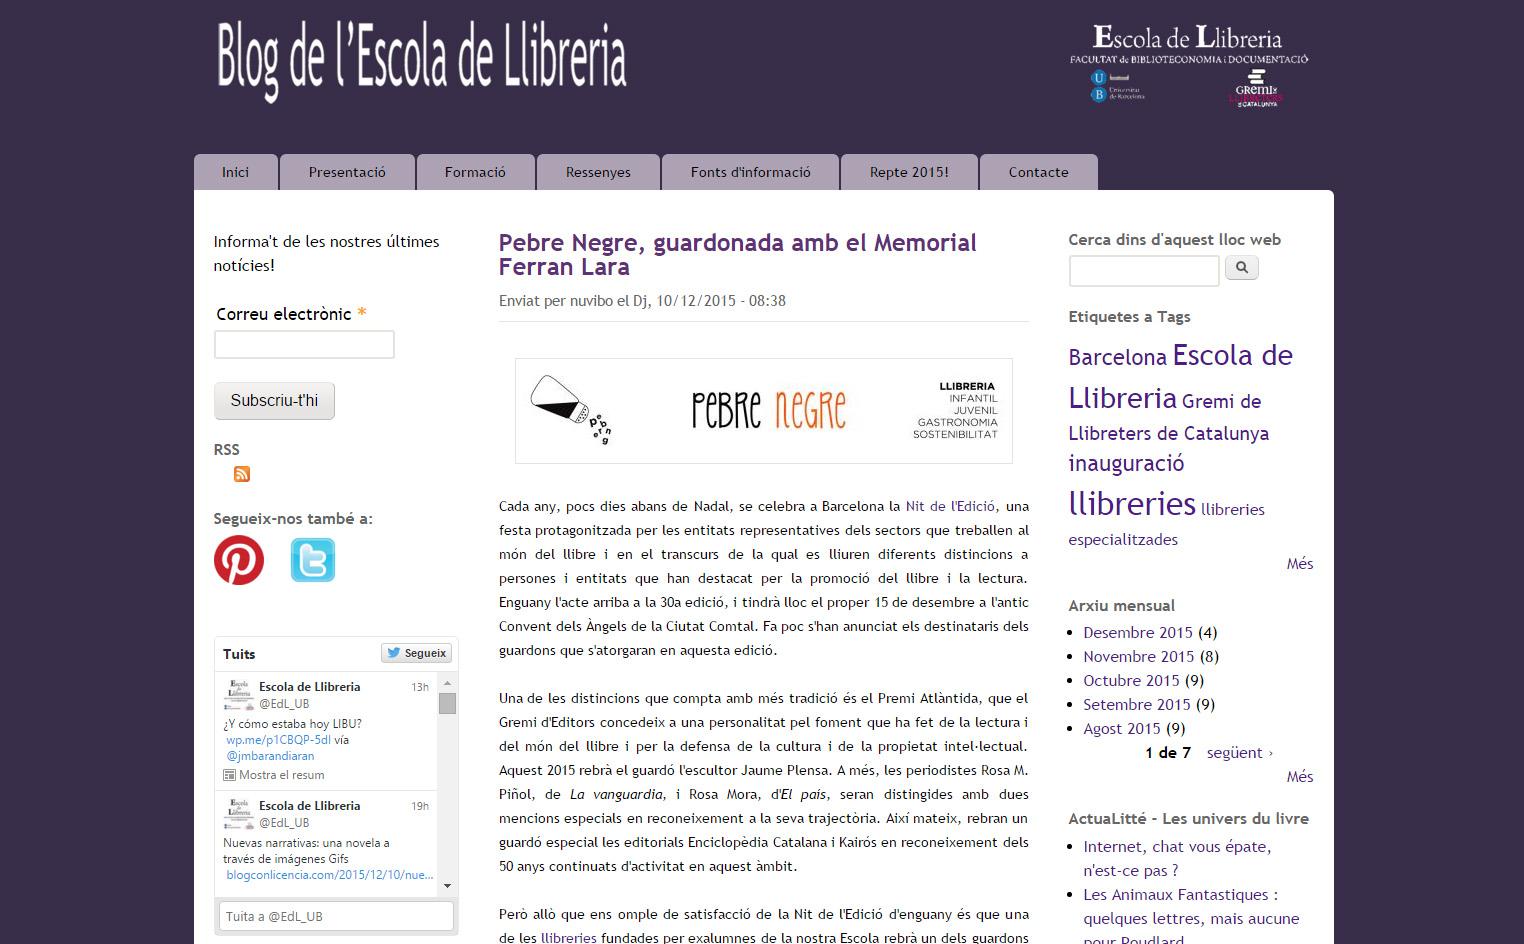 Llibreria Pebre Negre guardonada amb el Premi Ferran Lara